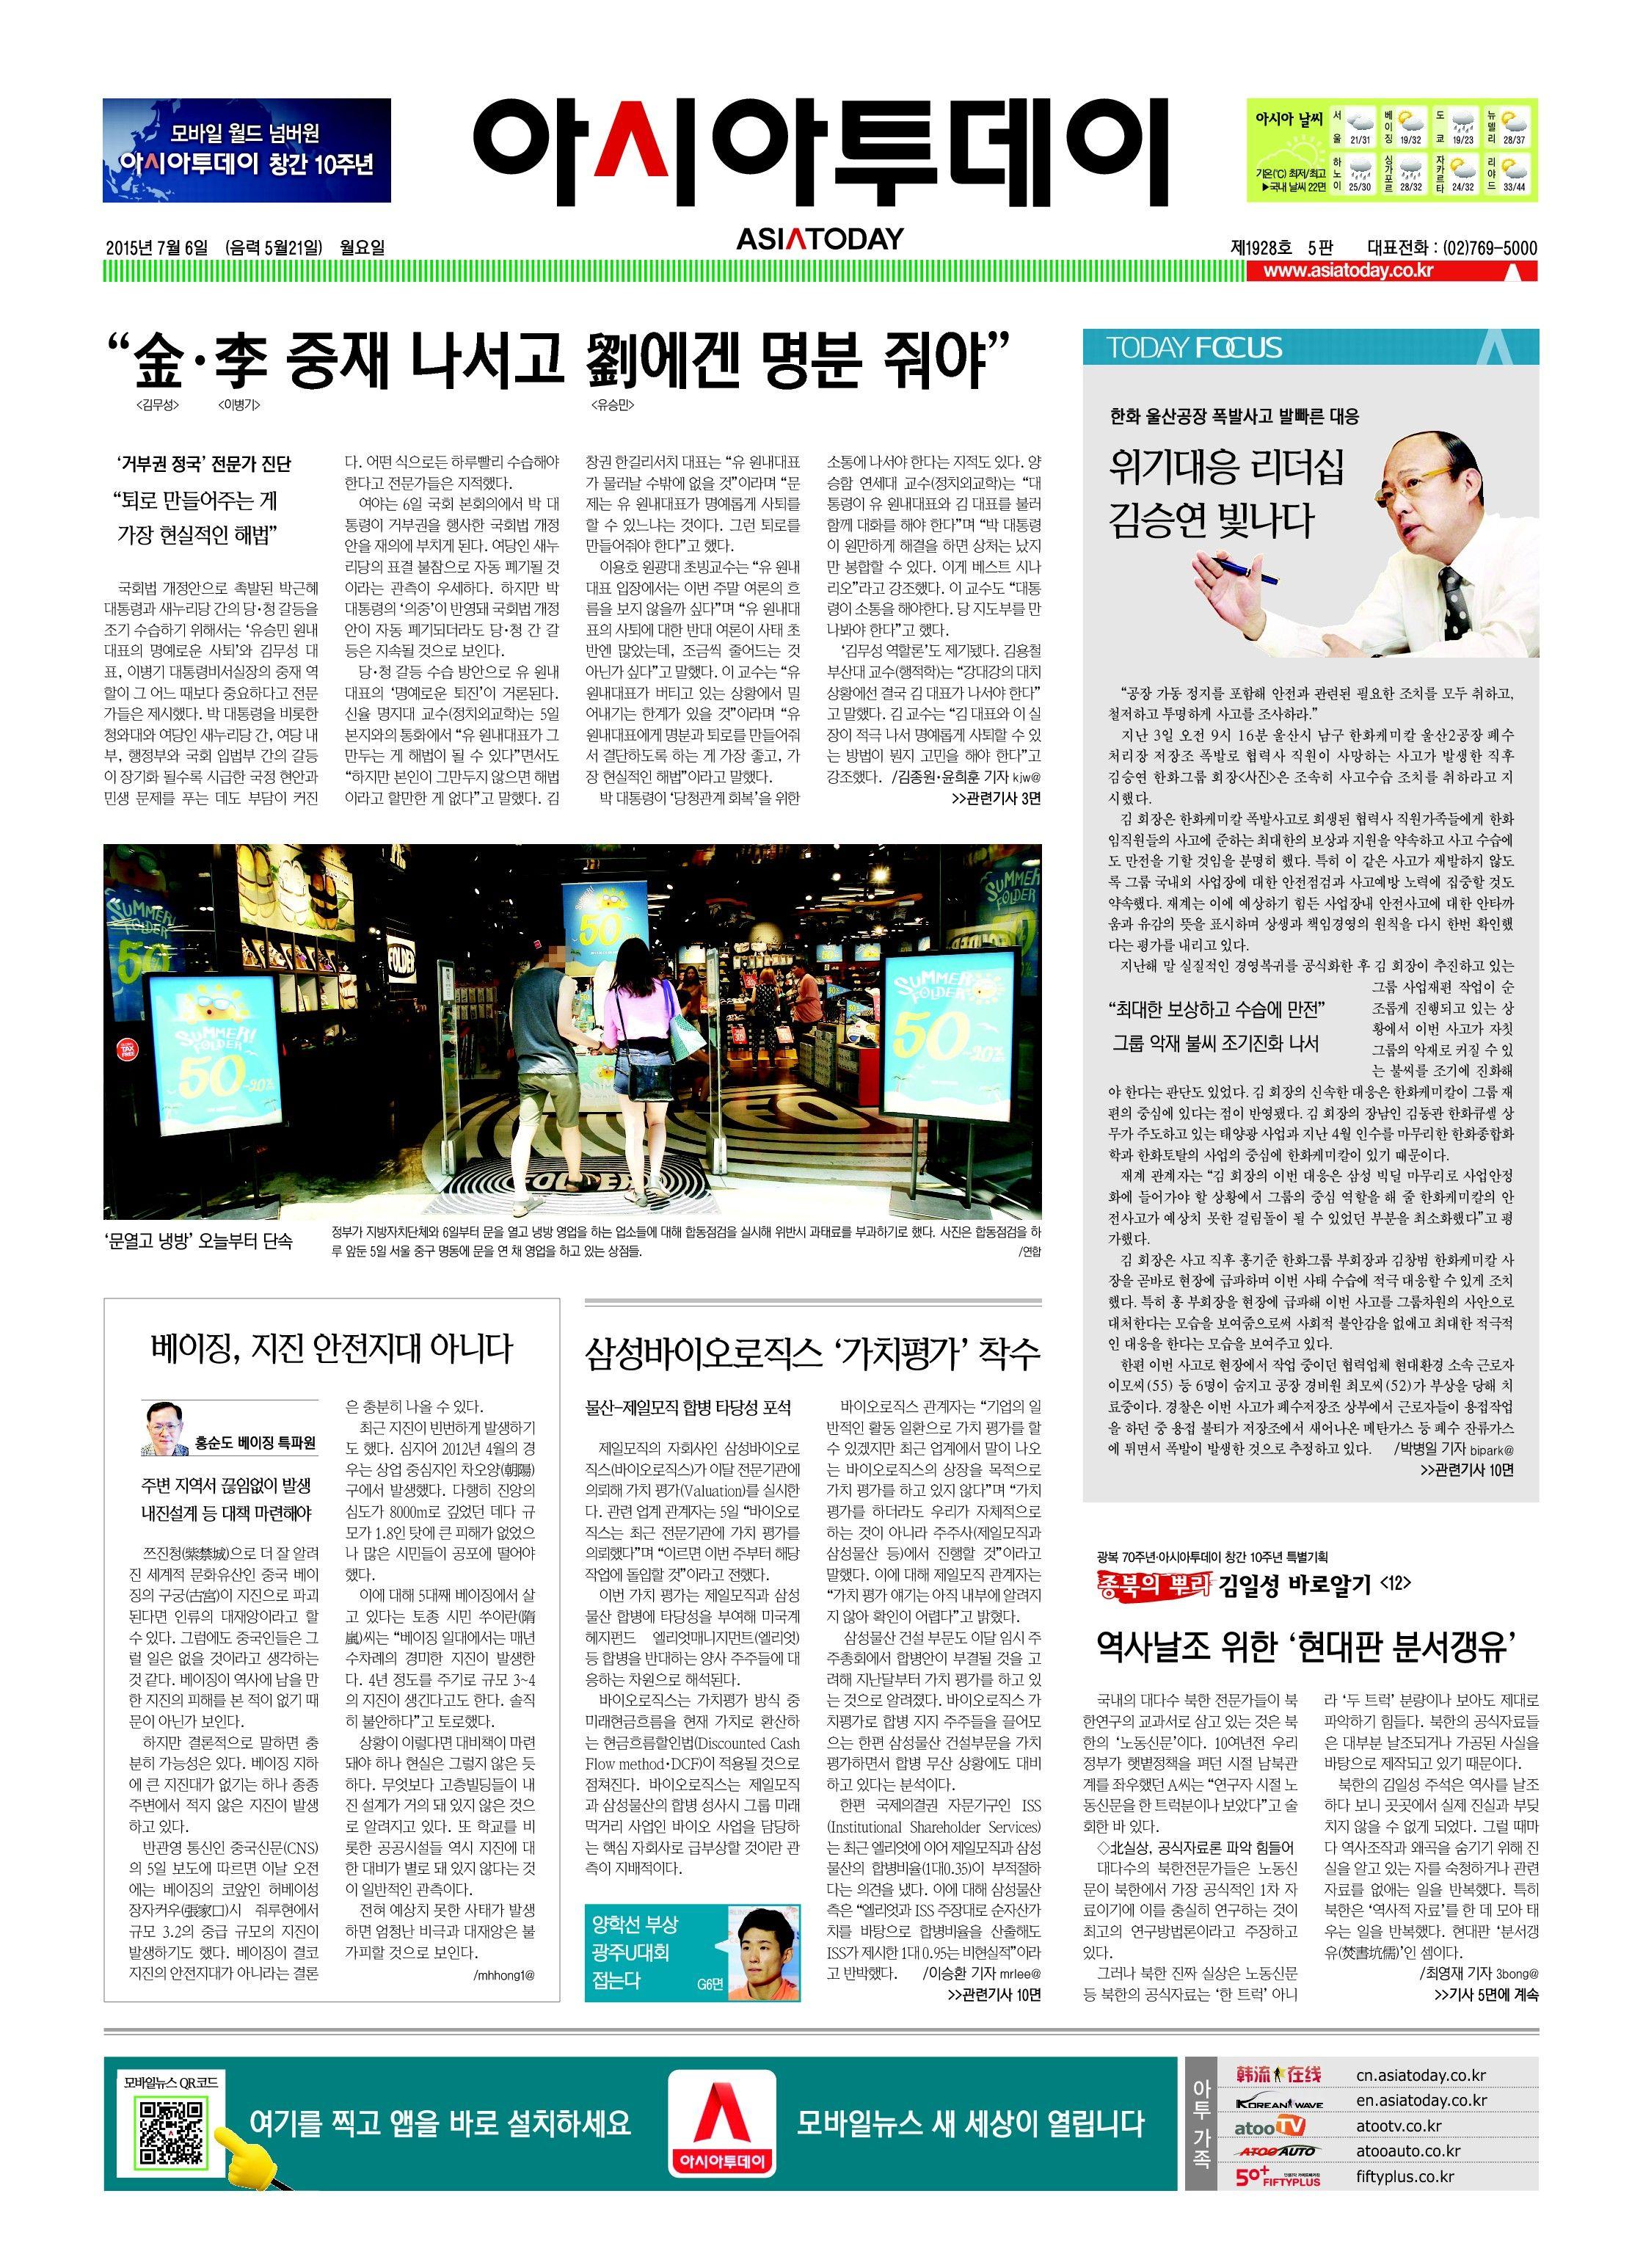 아시아투데이 ASIATODAY 1면 20150706(월)